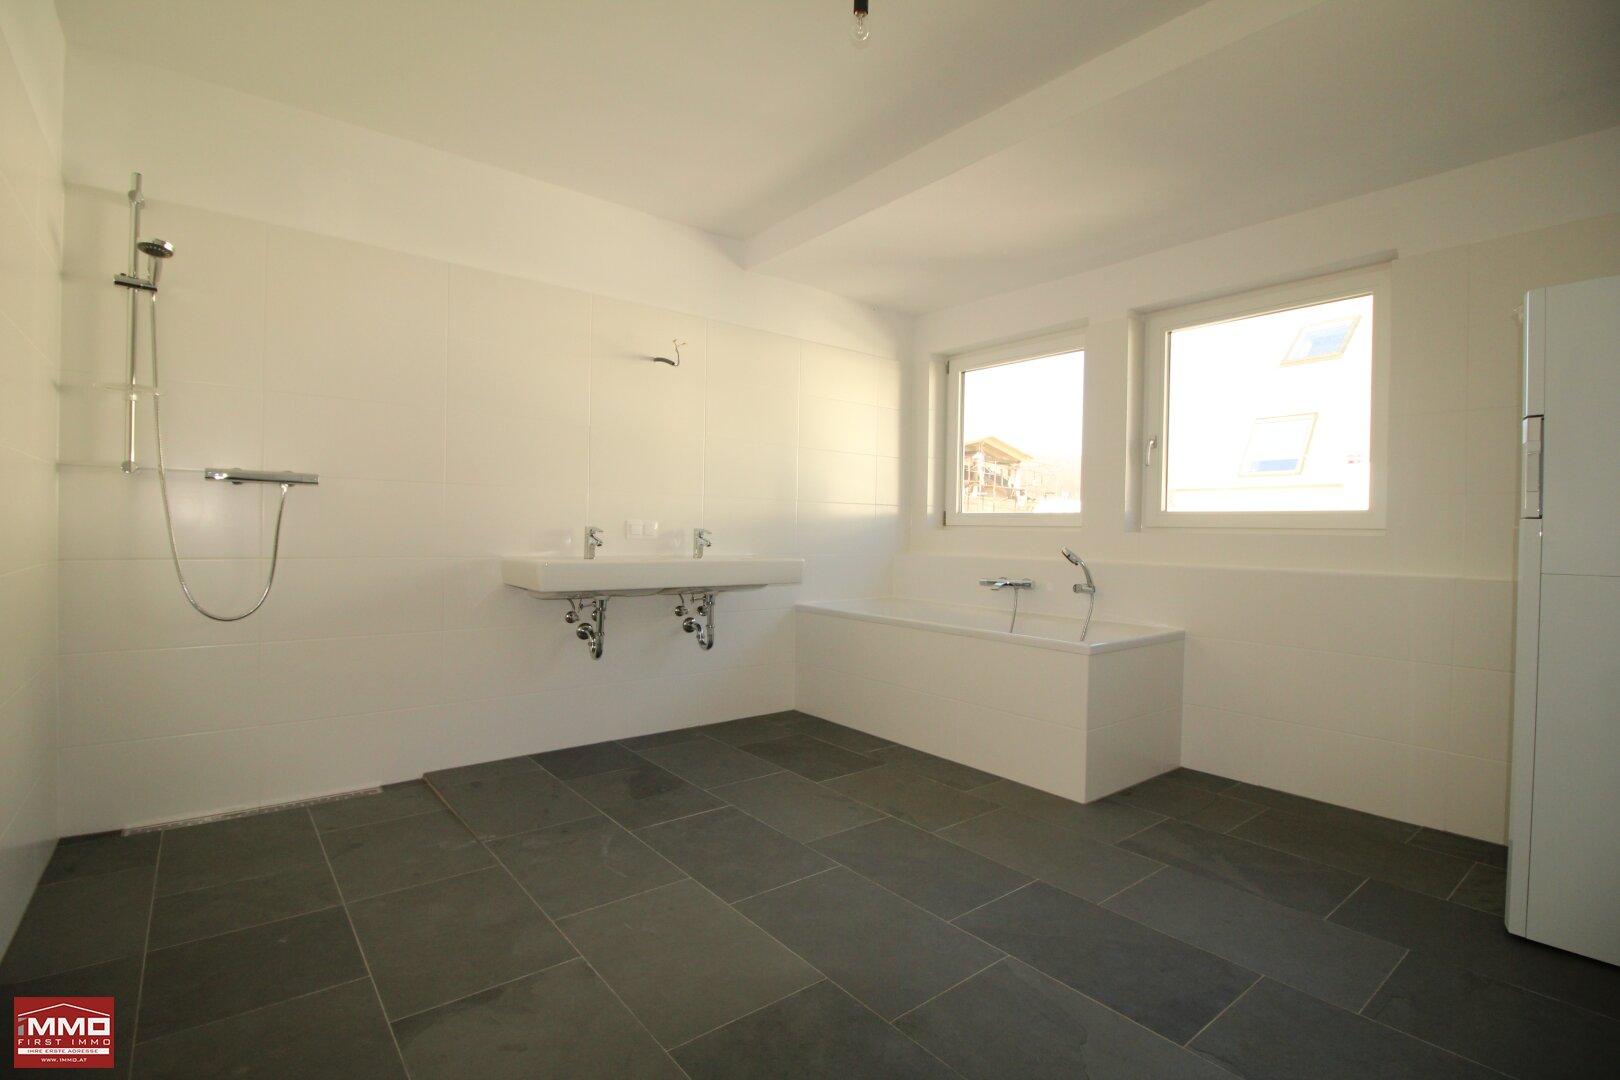 Tageslichtbadezimmer mit Dusche und Badewanne